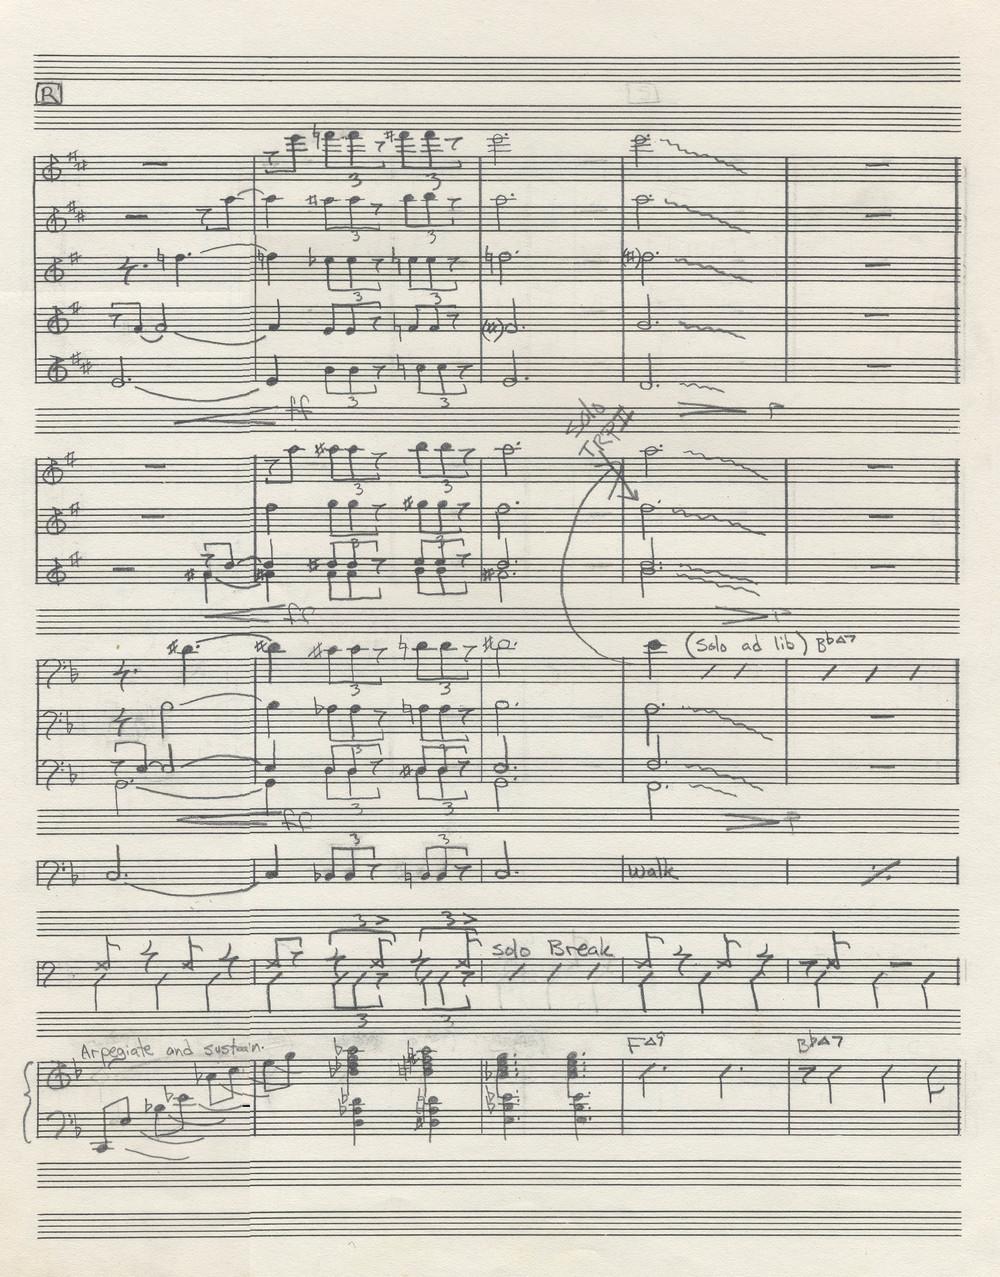 Inside Waltz score